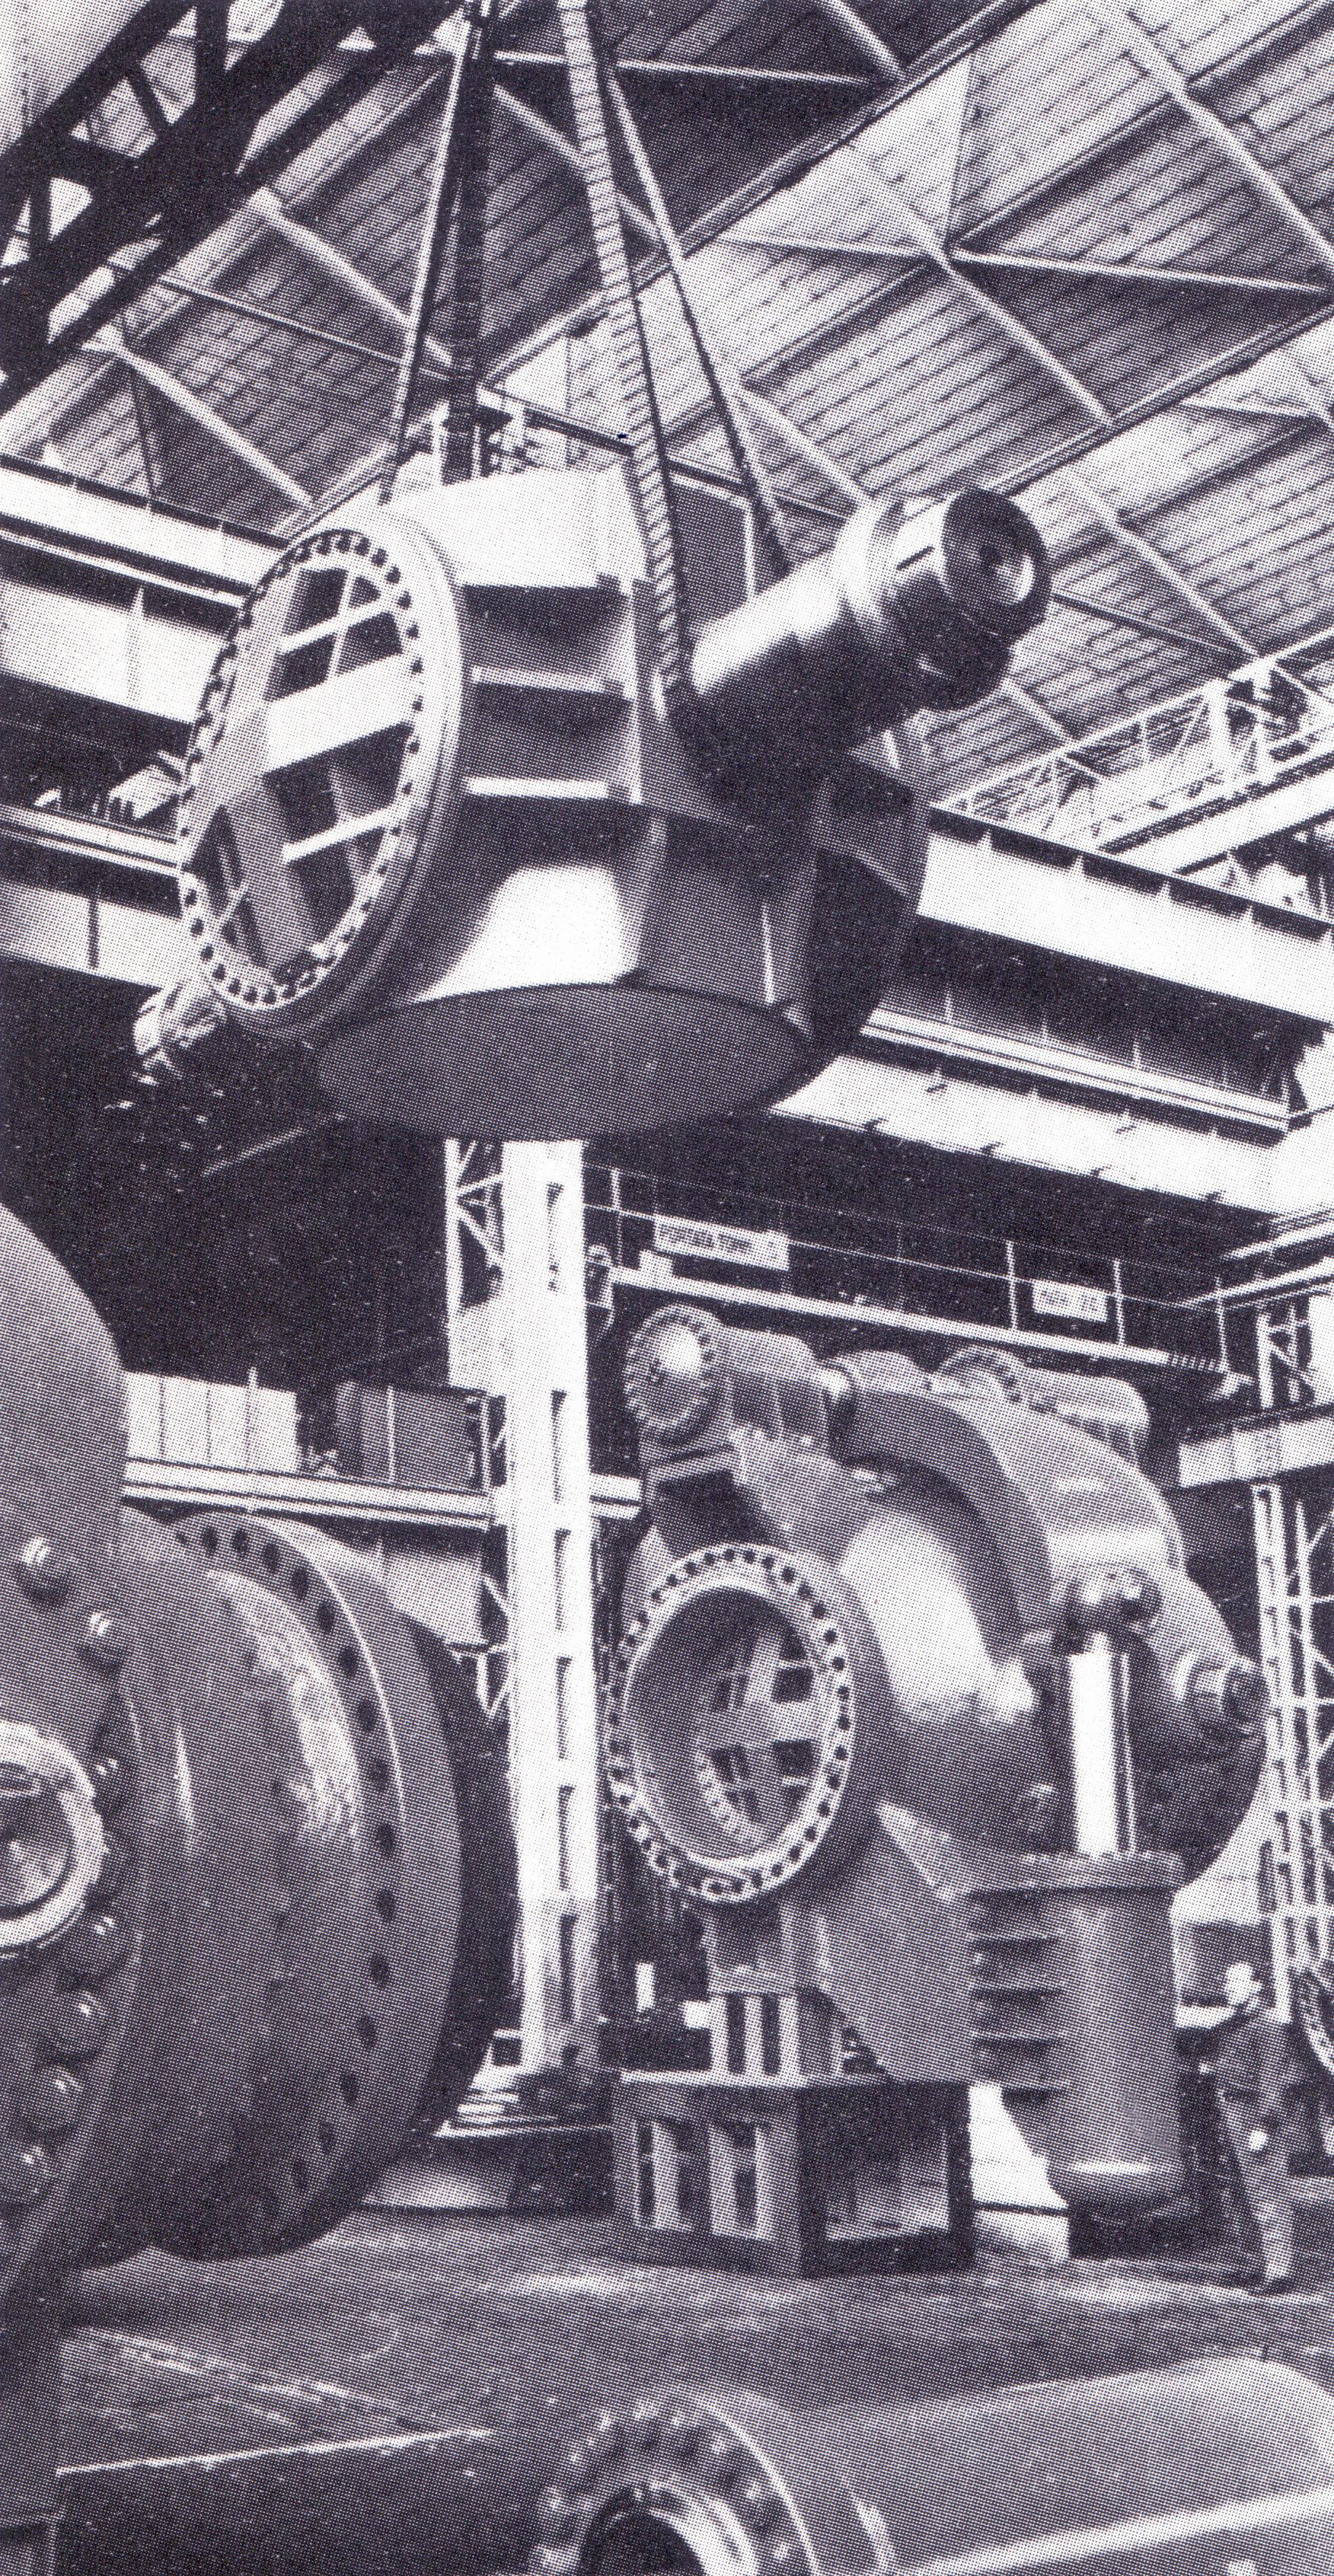 valvola-rotativa1